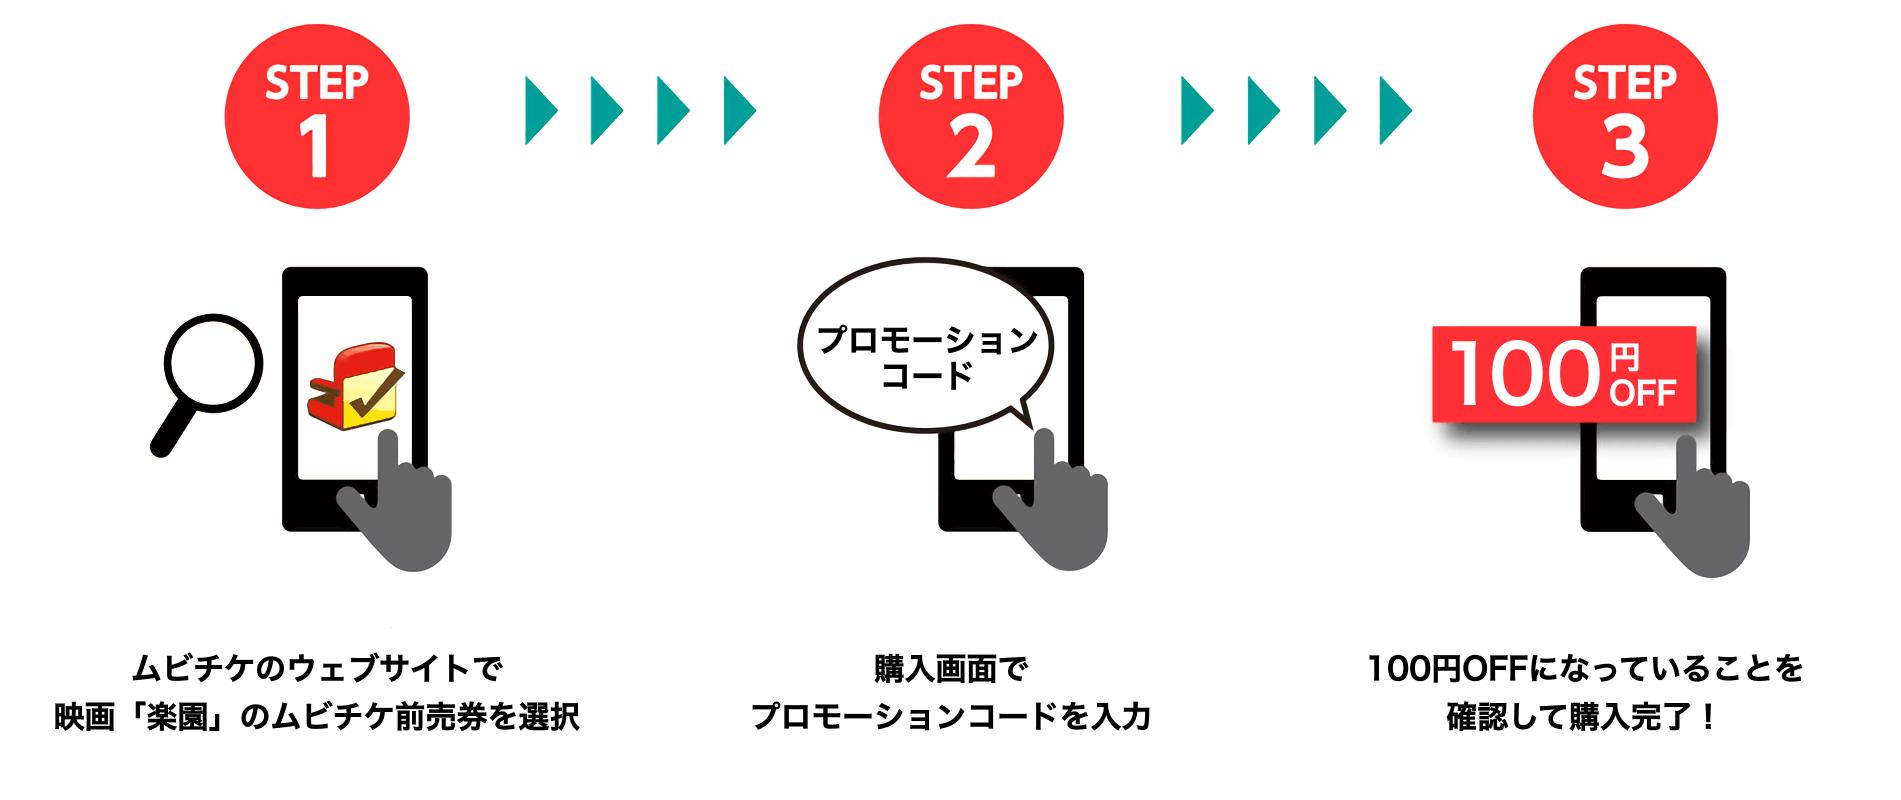 Step1 ムビチケのウェブサイトで映画「楽園」のムビチケ前売券を選択 Step2 購入画面でプロモーションコードを入力 Step3 100円Offになっていることを確認して購入完了!